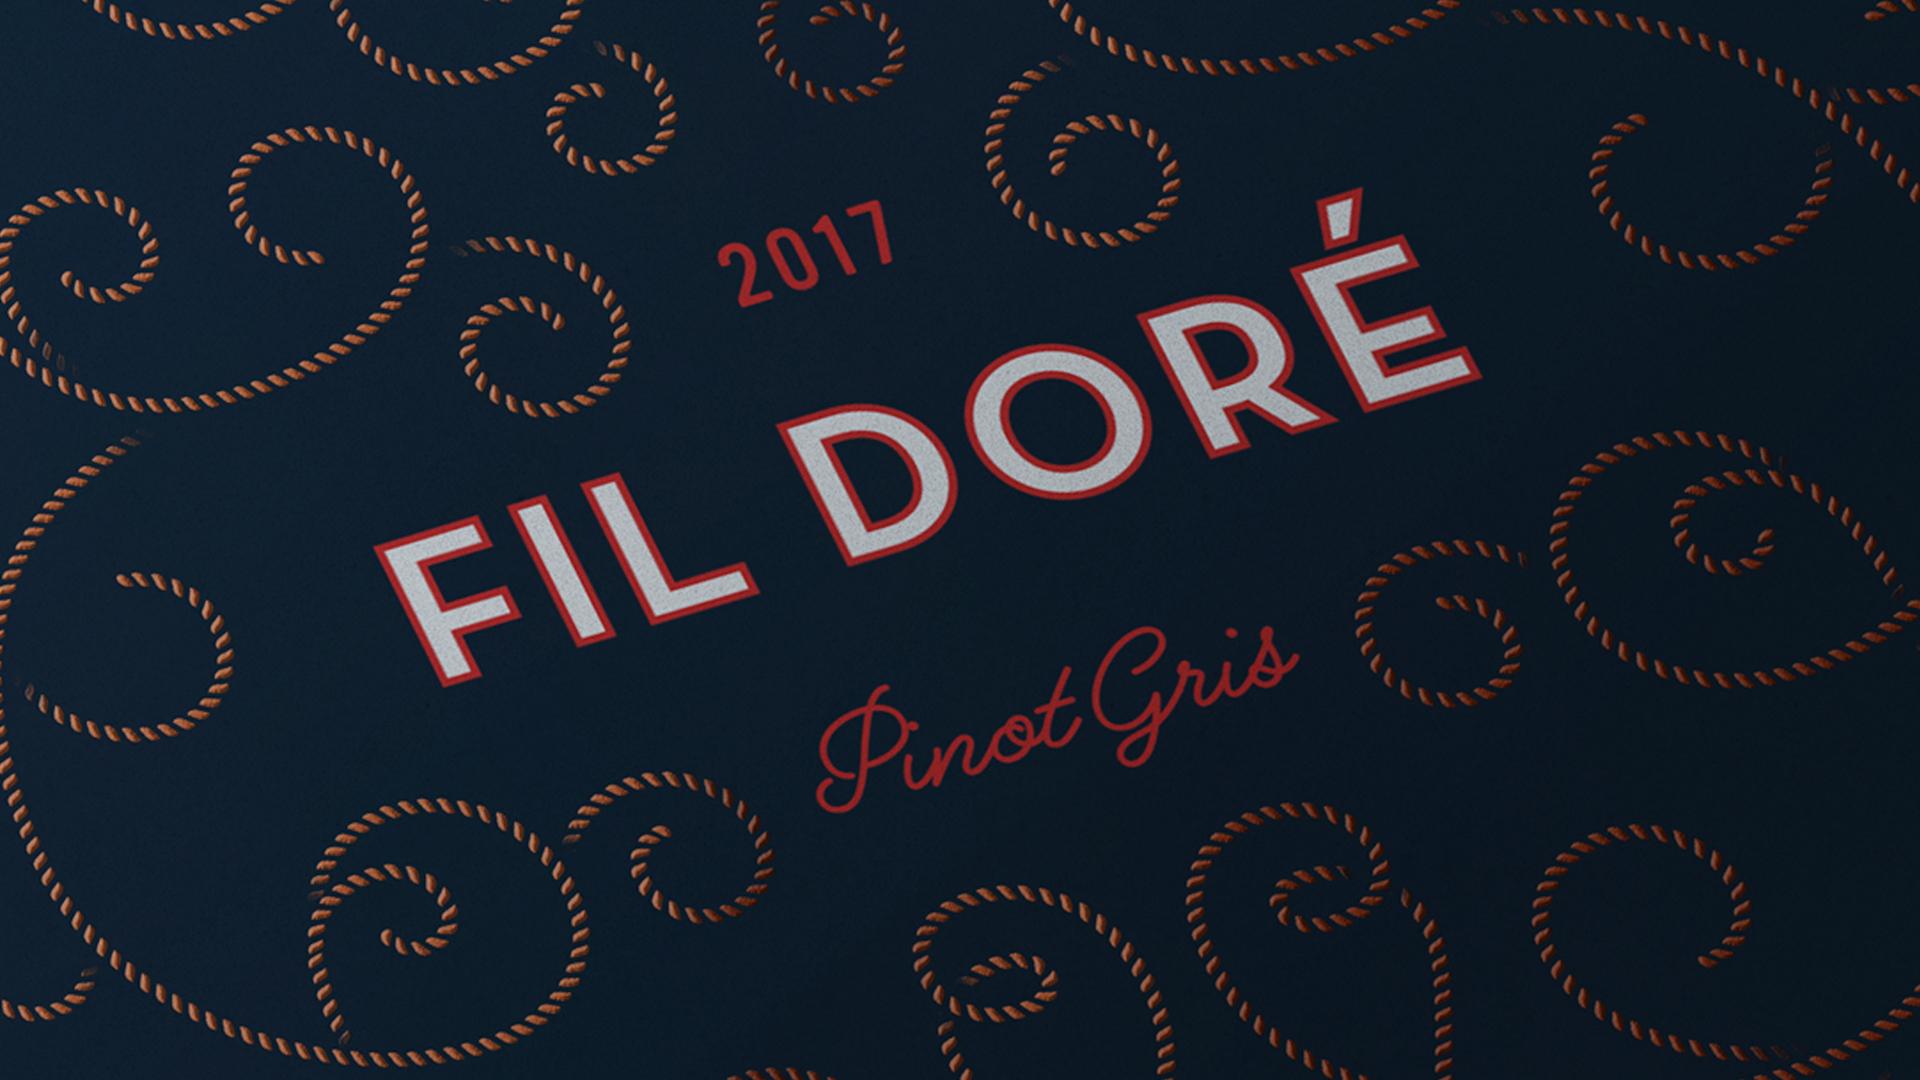 Fil-Dore_Close-Up.jpg